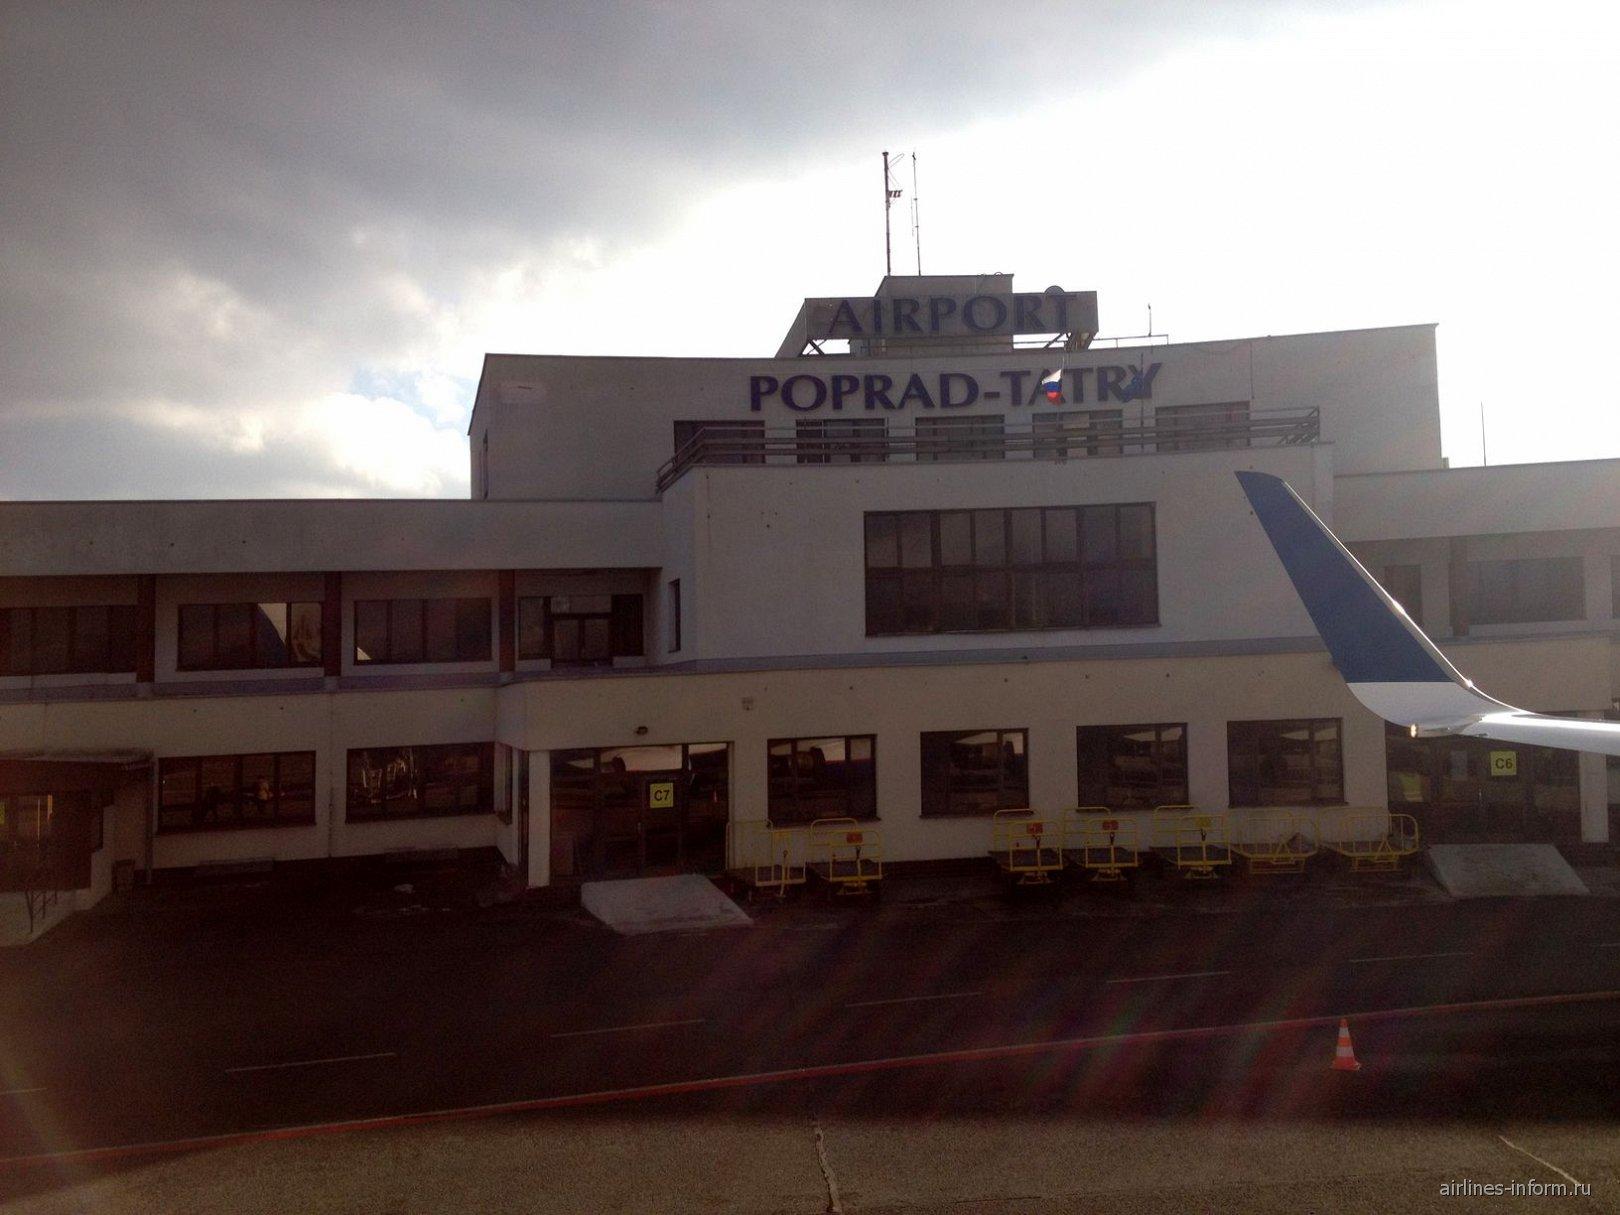 Аэровокзал аэропорта Попрад Татры